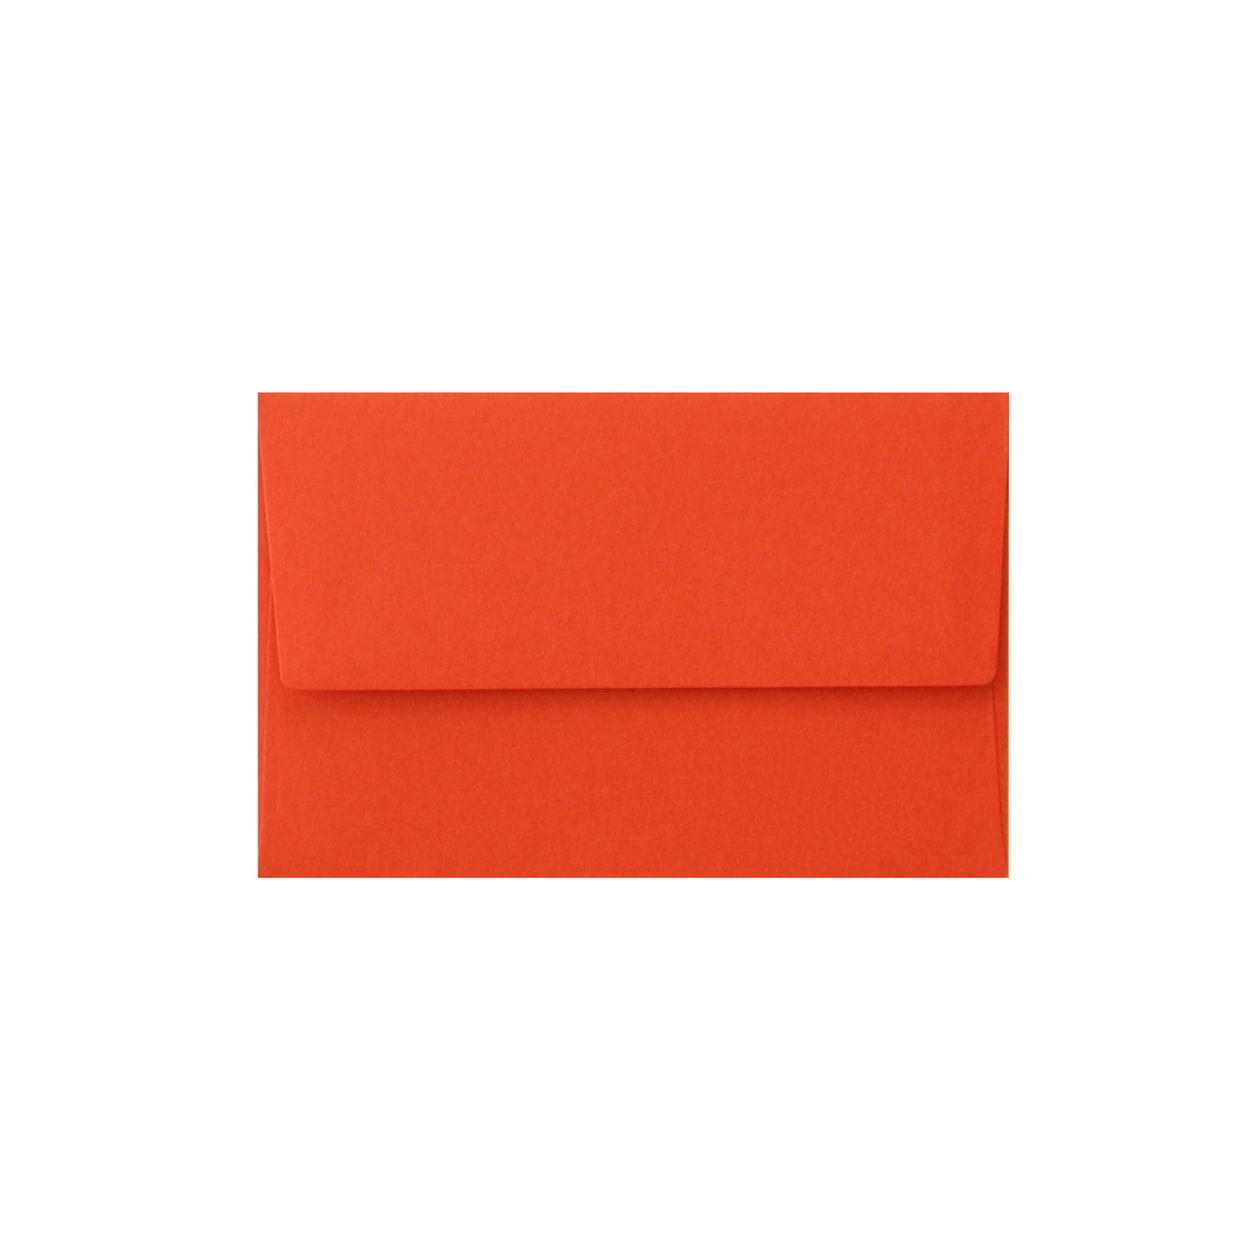 NEカマス封筒 コットン(NTラシャ) 朱 116.3g